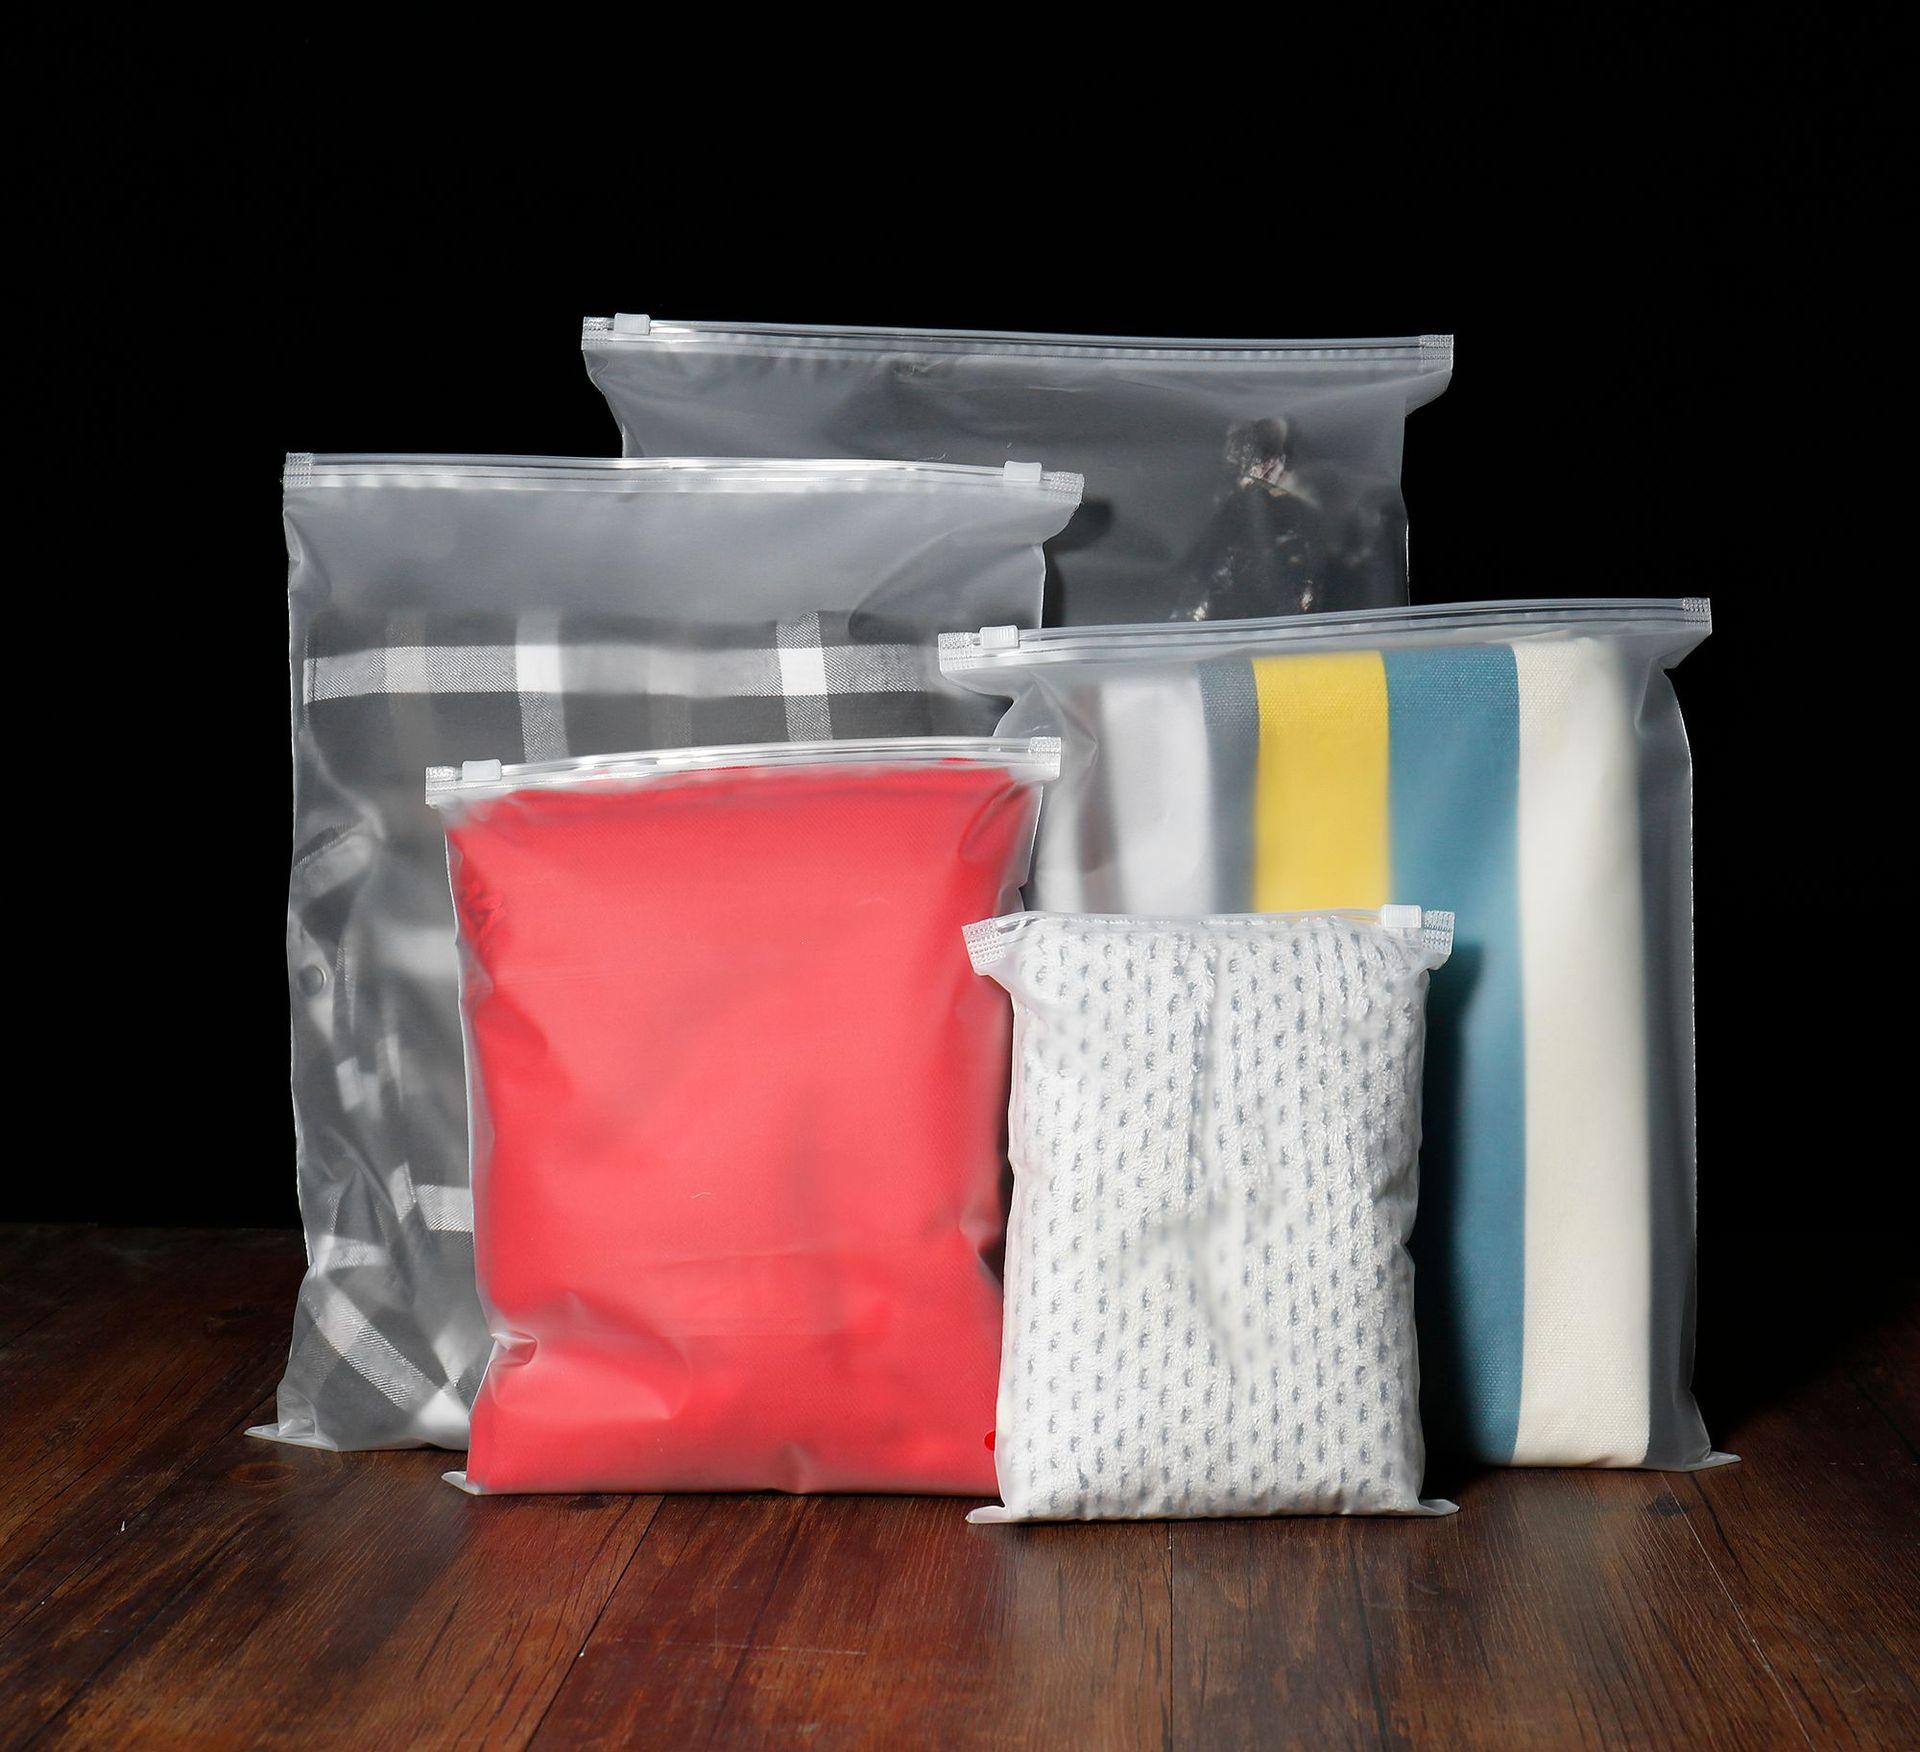 服装拉链衣服包装袋子透明pe 磨砂服装袋拉链袋 内裤内衣自封塑料